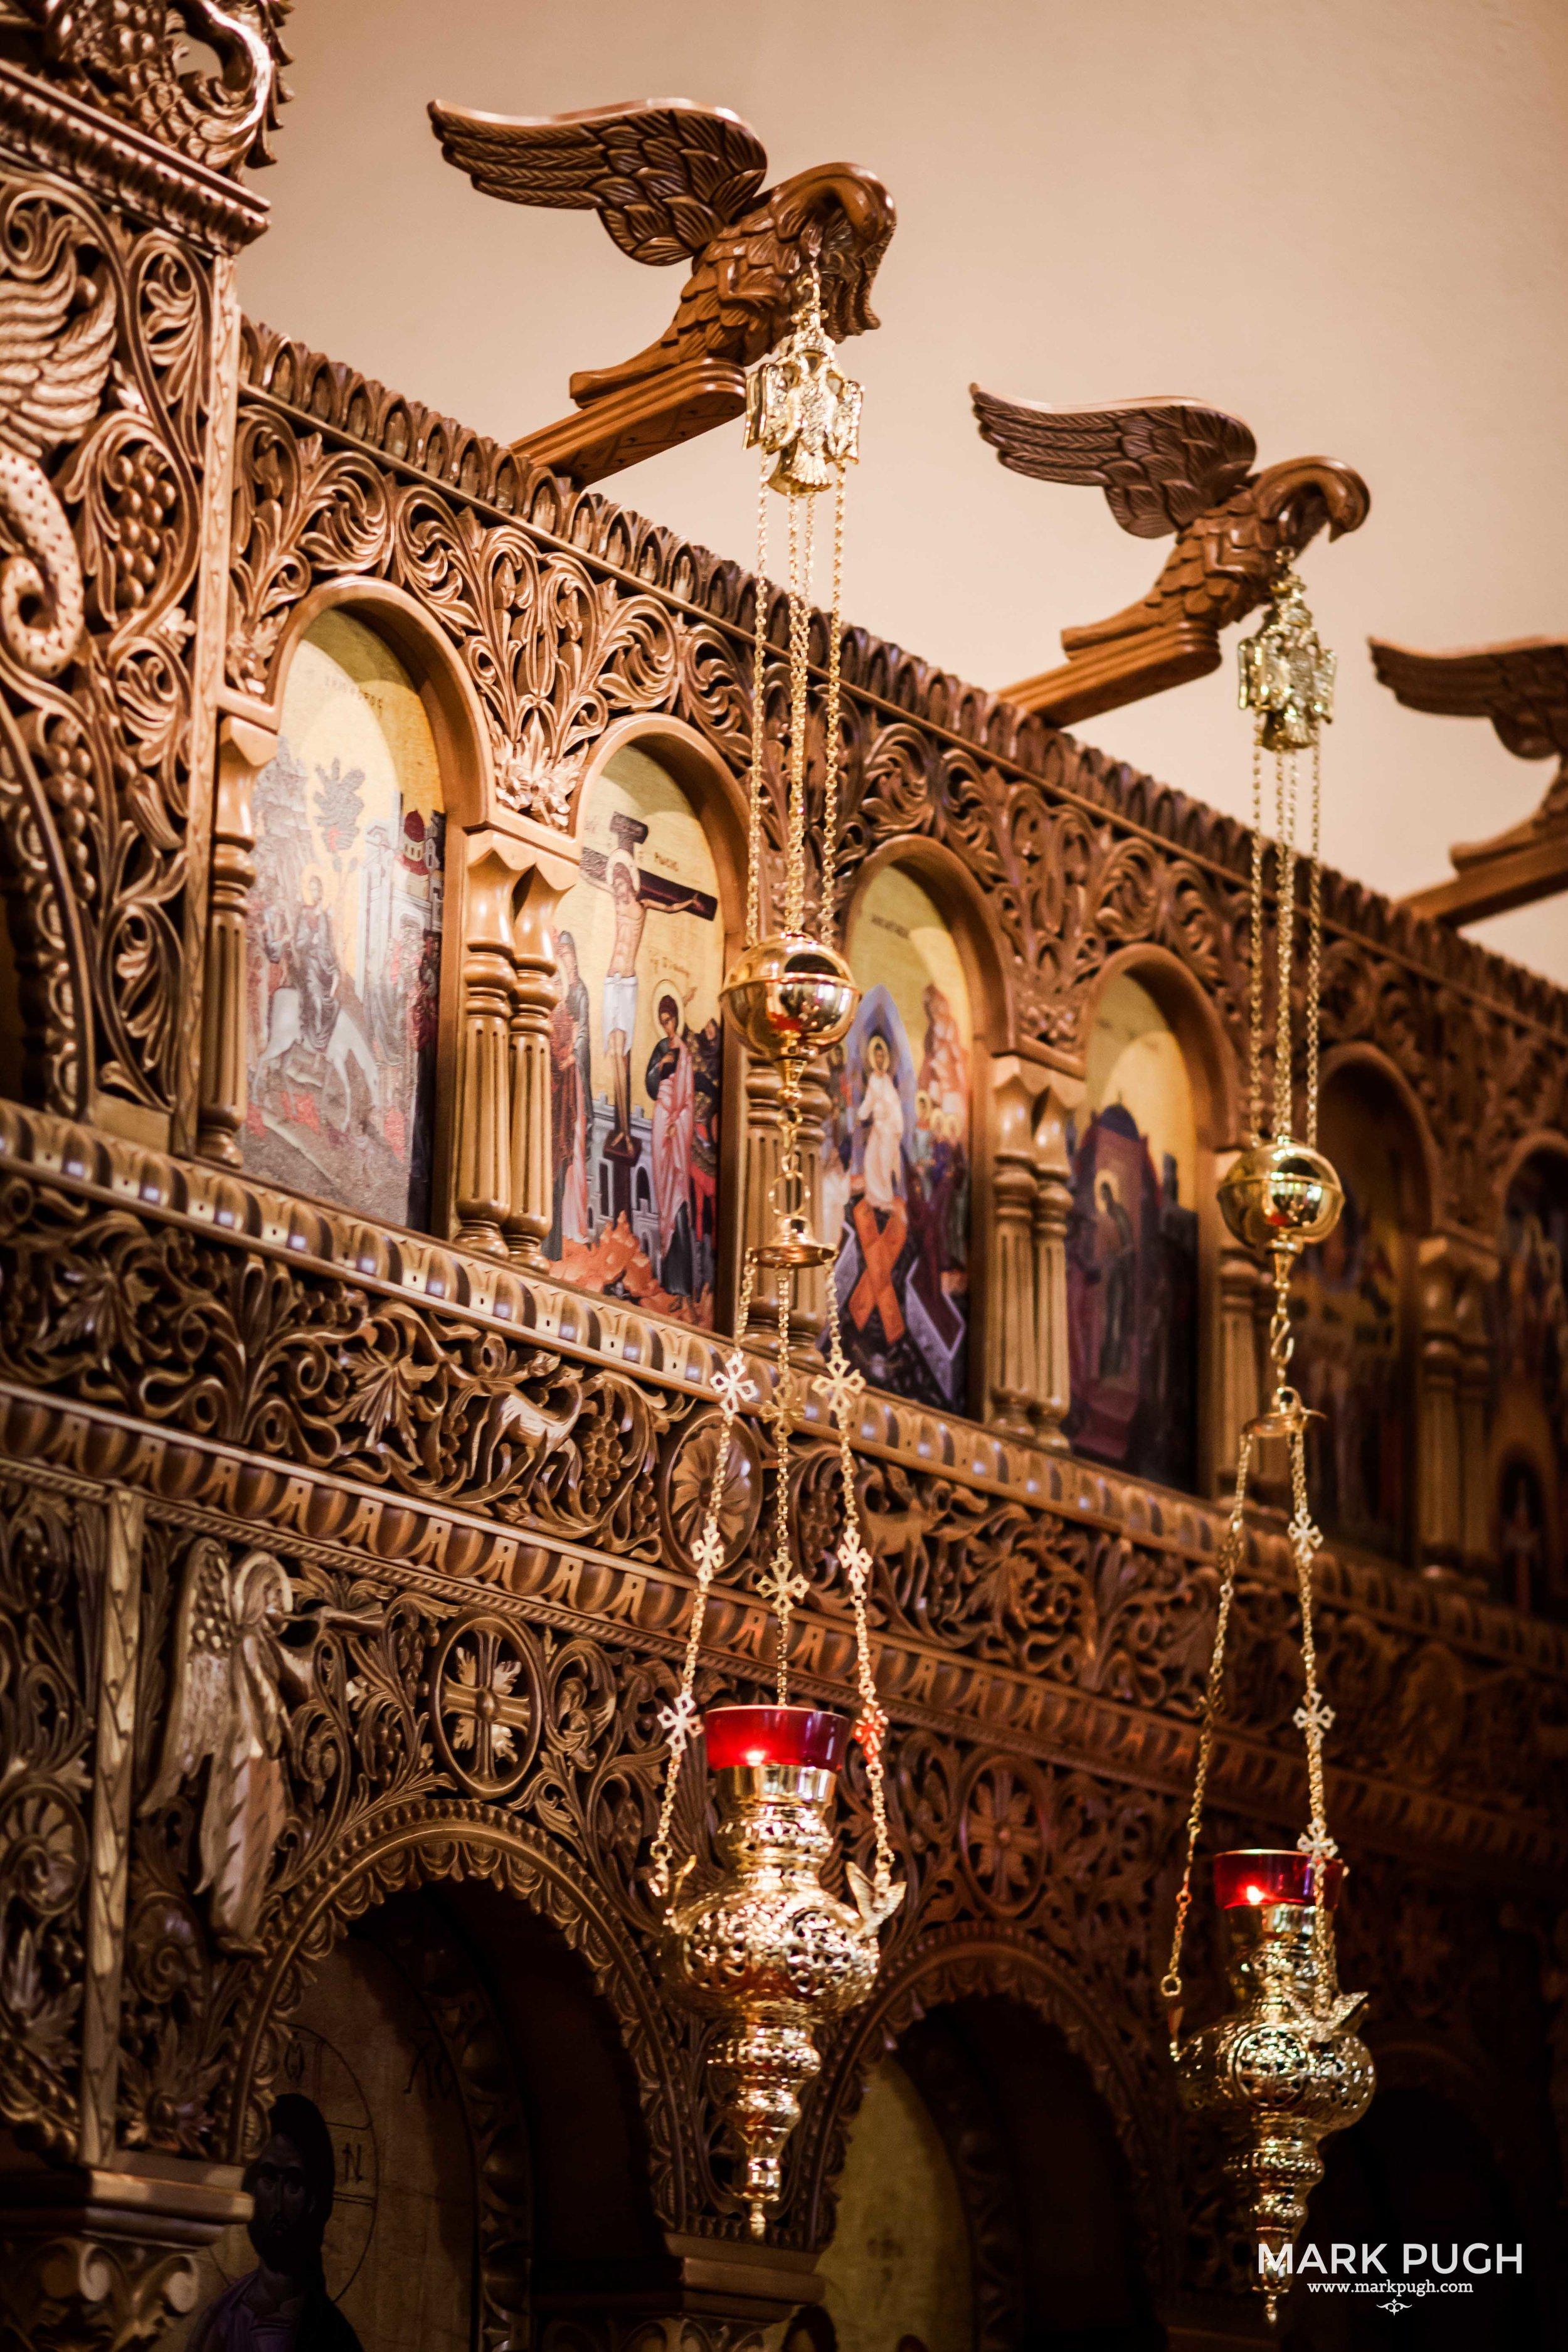 052 - fineART photography by www.markpugh.com Mark Pugh of www.mpmedia.co.uk_.JPG